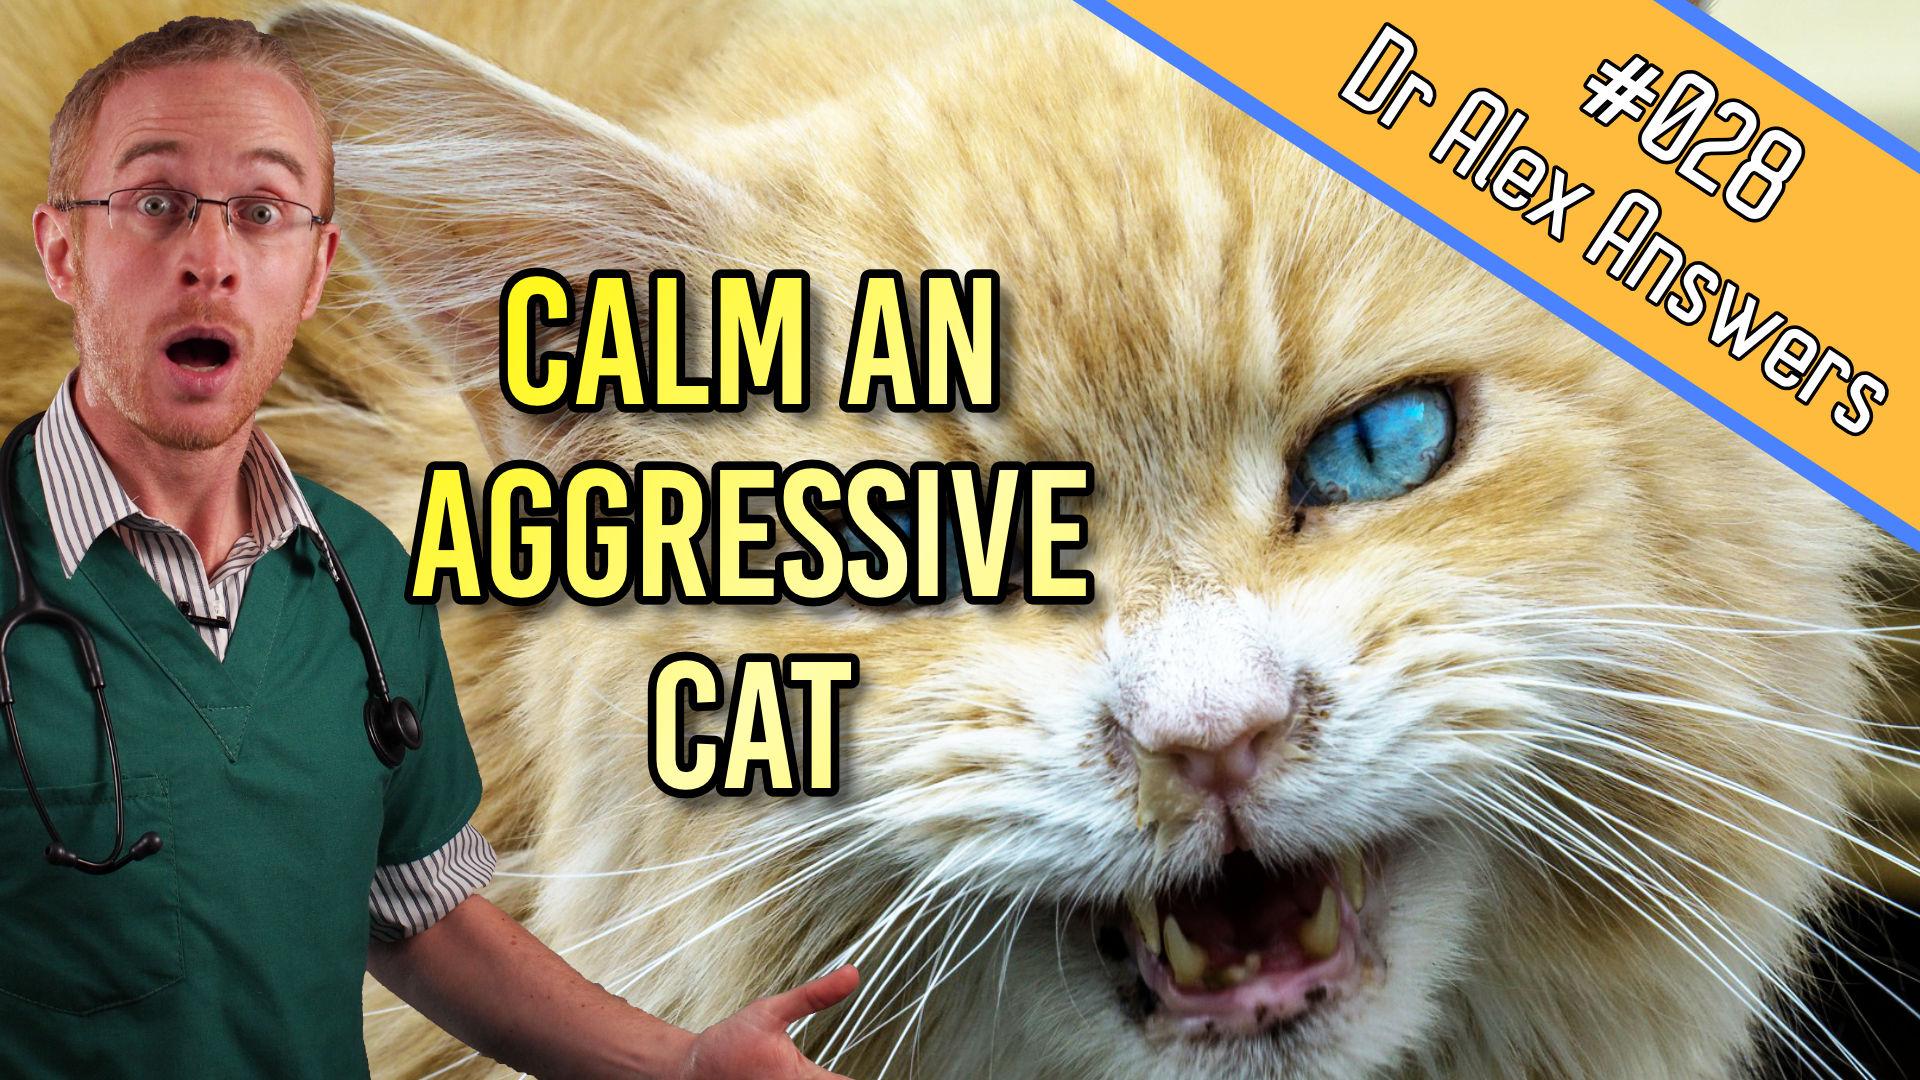 DAA calm aggressive cat.jpg